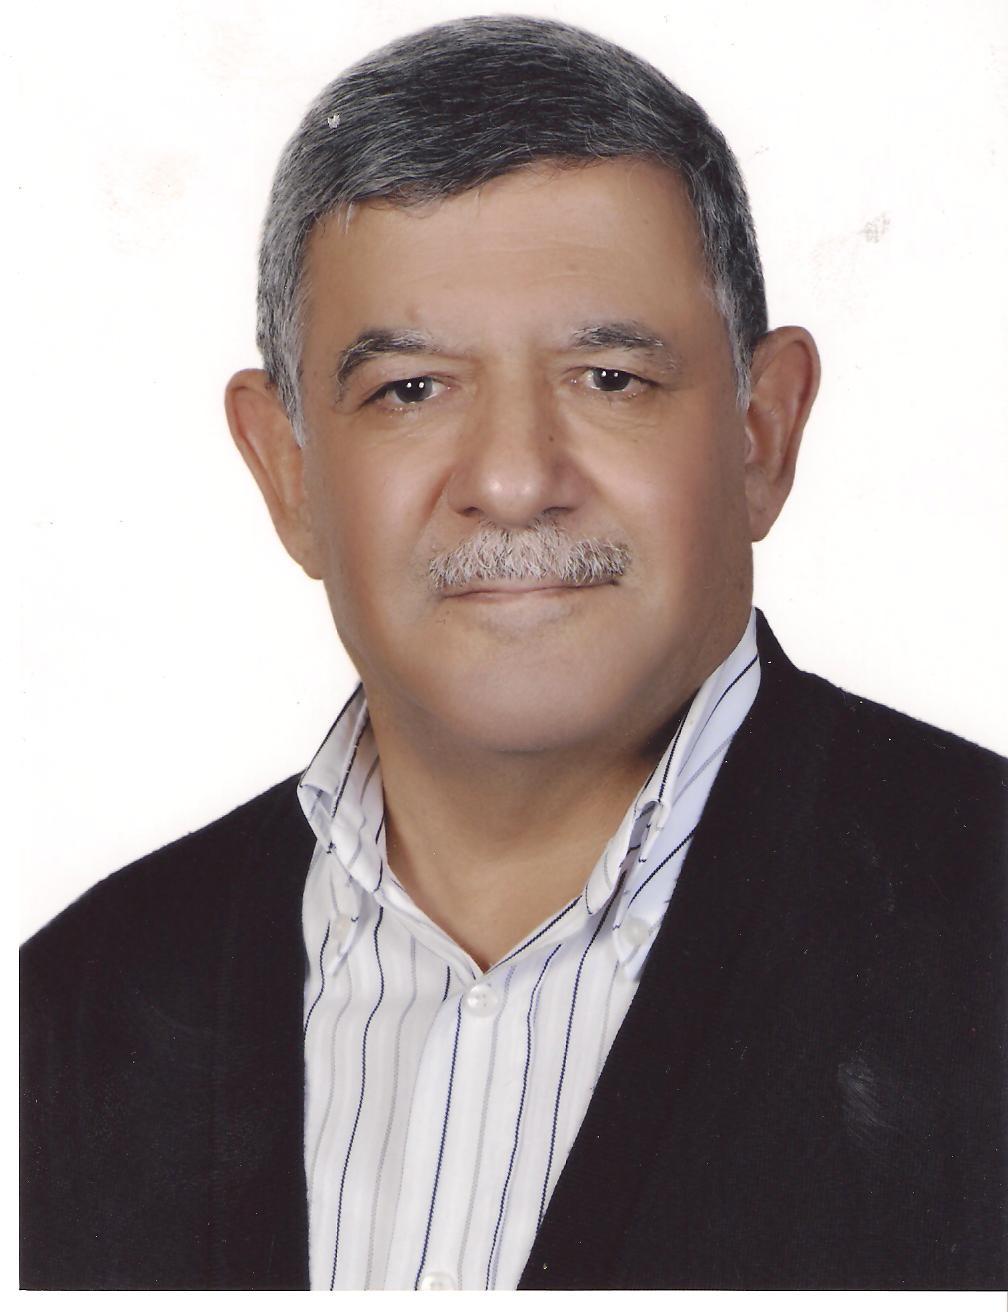 الدكتور عمار طالب الحمدي